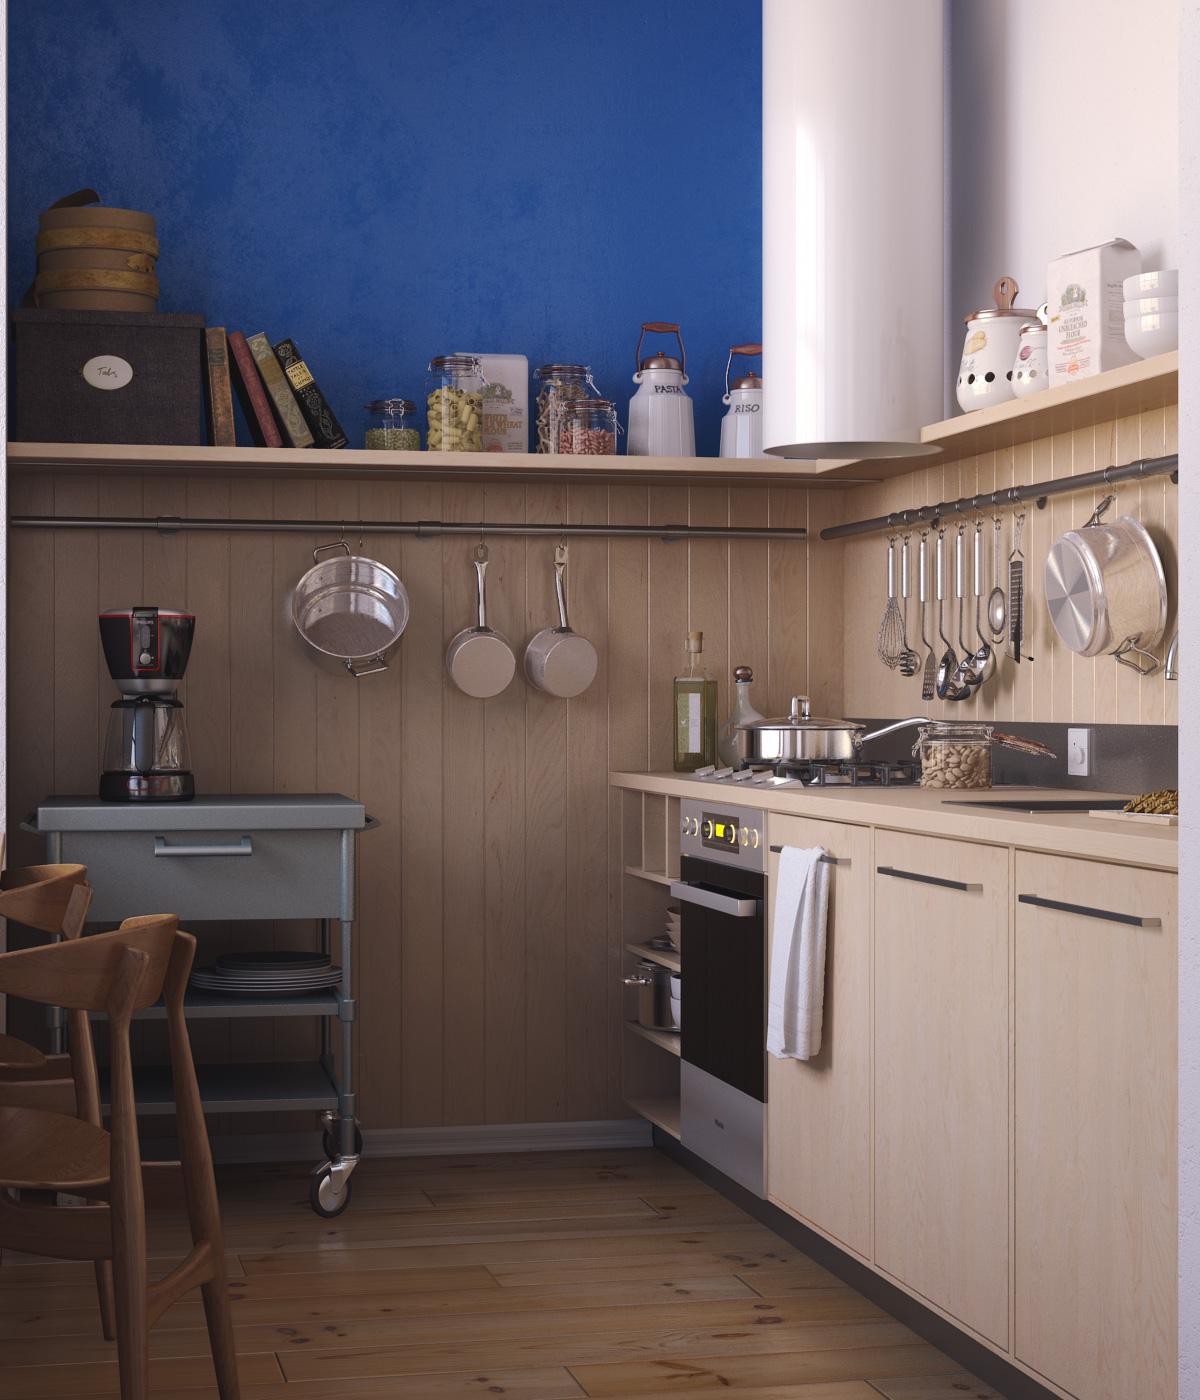 Коричневый, синий и белый цвета в дизайне кухни